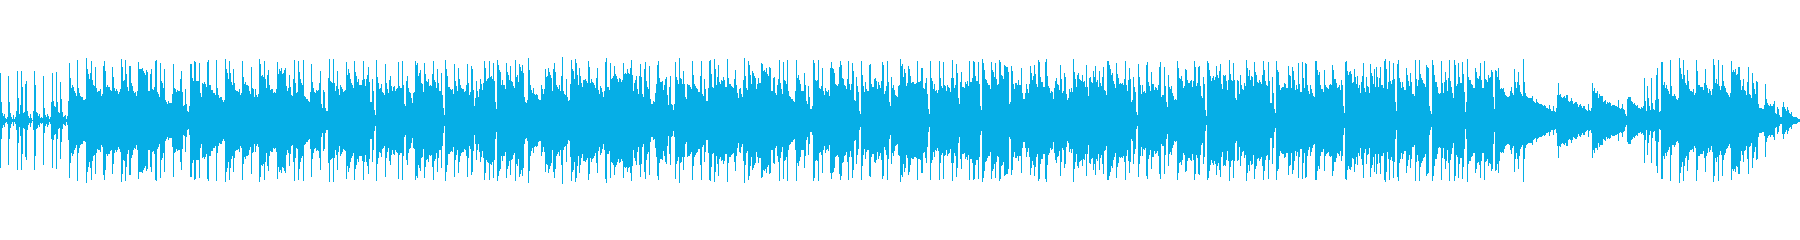 夕暮れ時をイメージしたまったりBGMの再生済みの波形